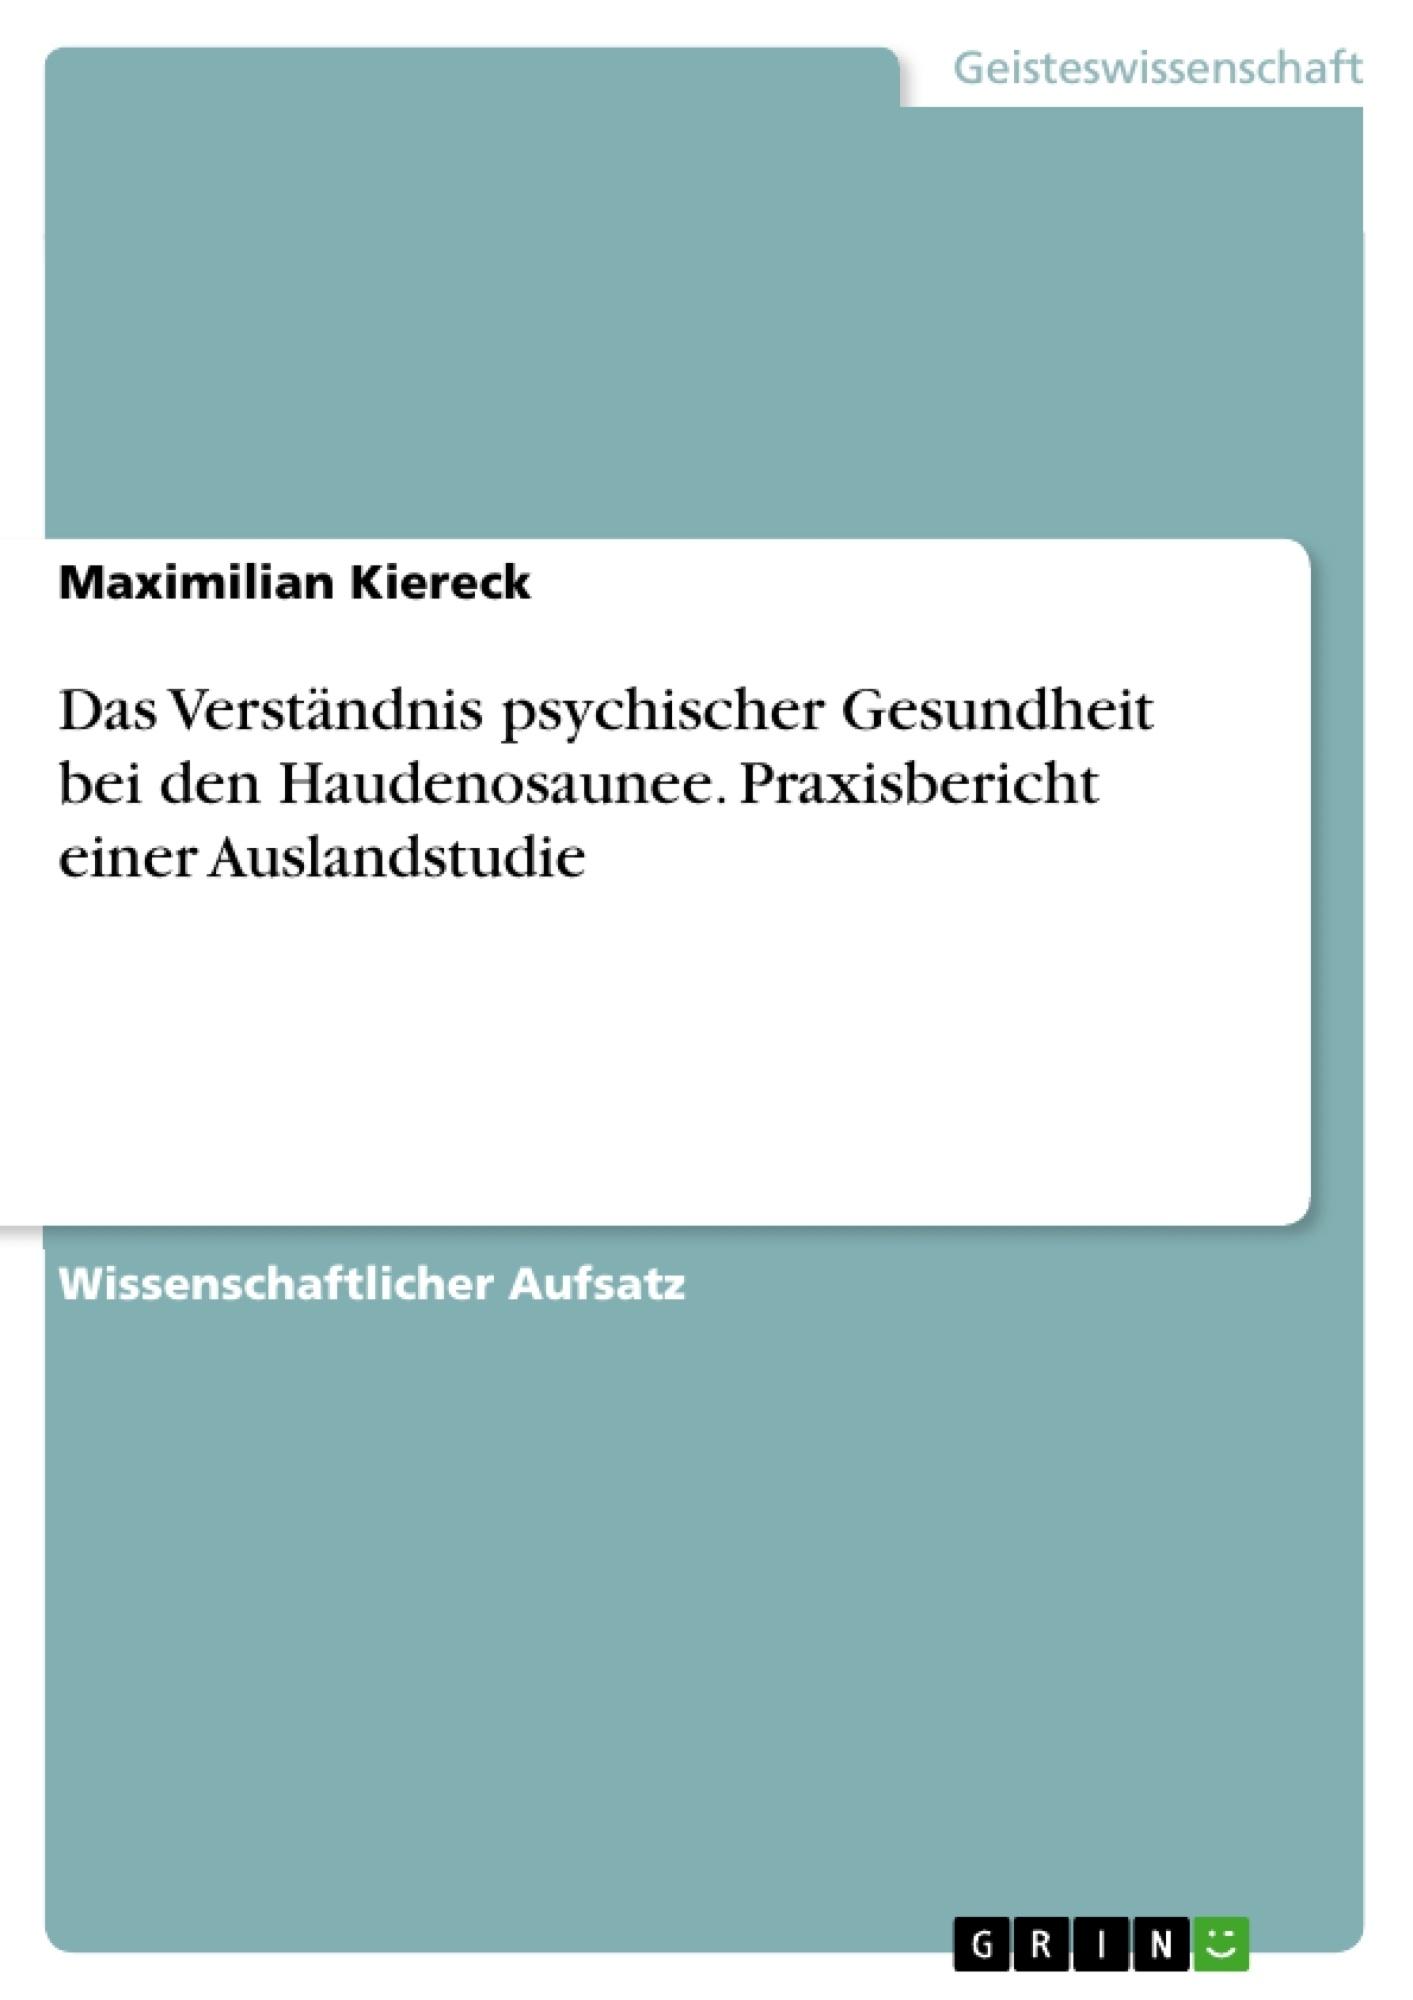 Titel: Das Verständnis psychischer Gesundheit bei den Haudenosaunee. Praxisbericht einer Auslandstudie